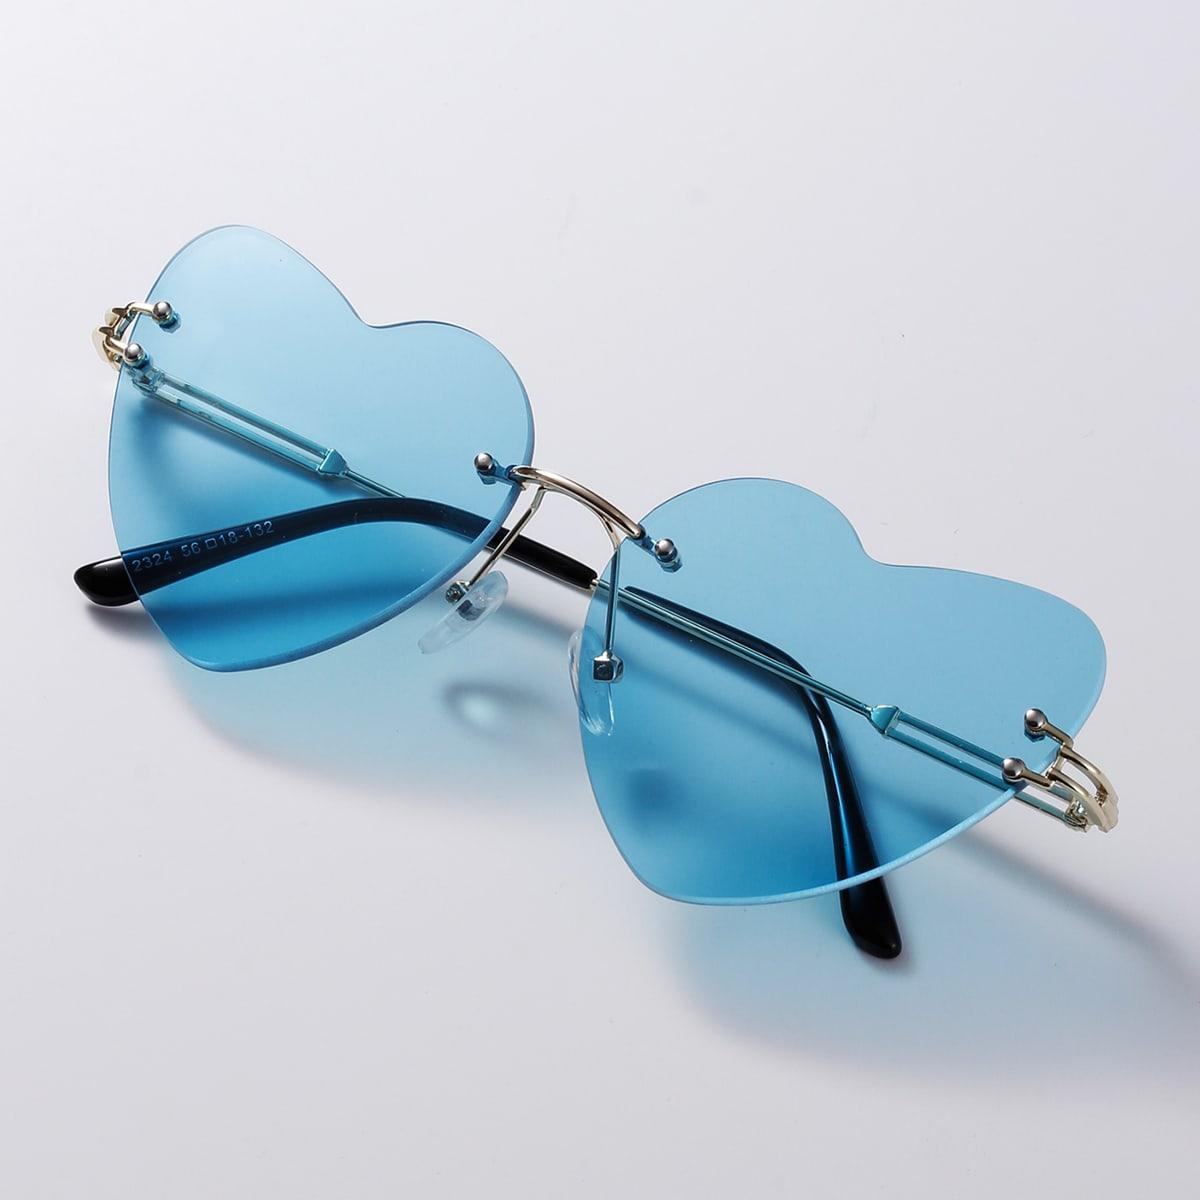 Солнечные очки в форме сердечка без оправы фото